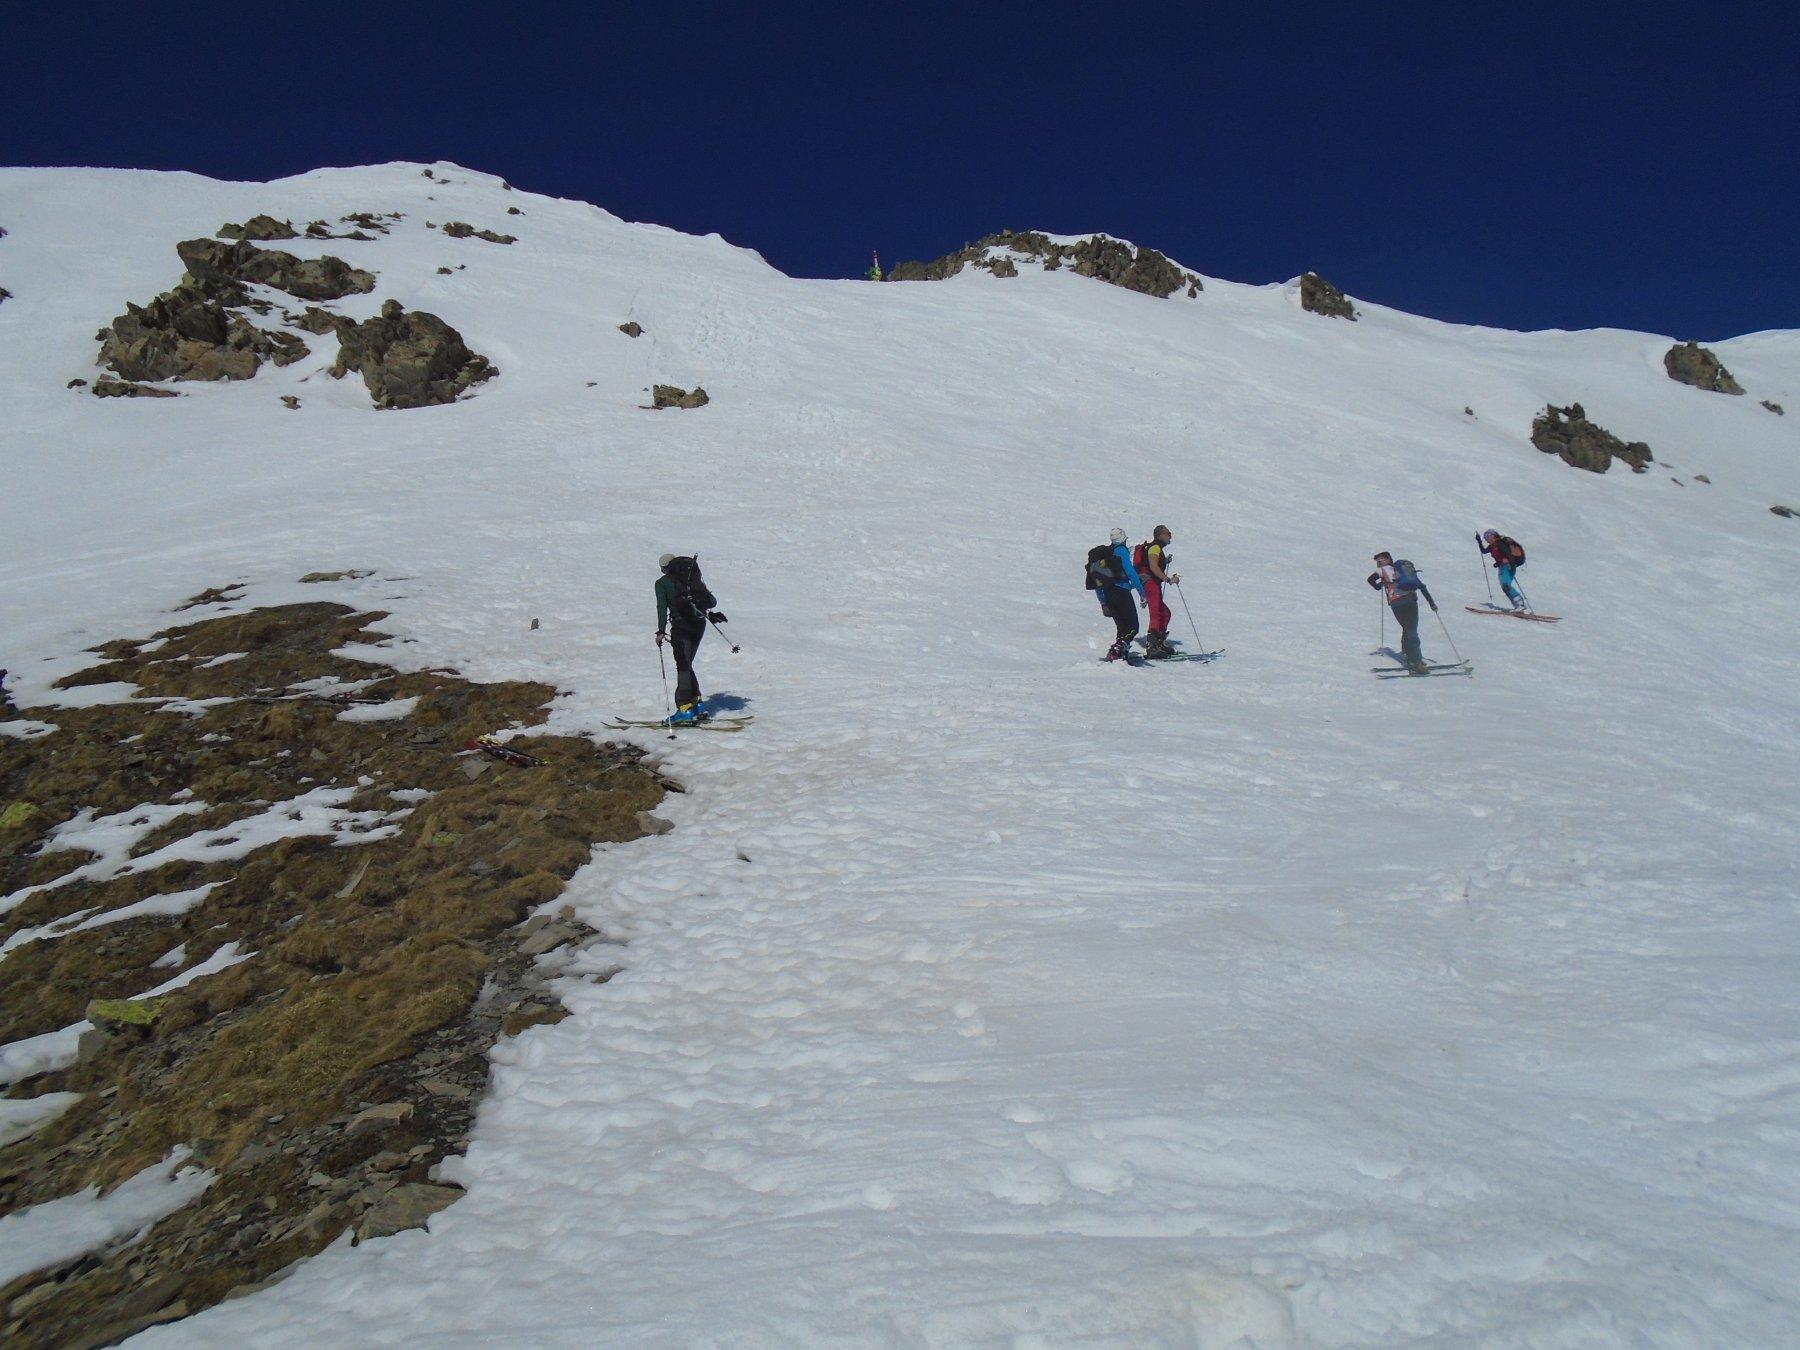 Discesa: muretto breve e molto ripido in neve dura per uscire su cresta finale